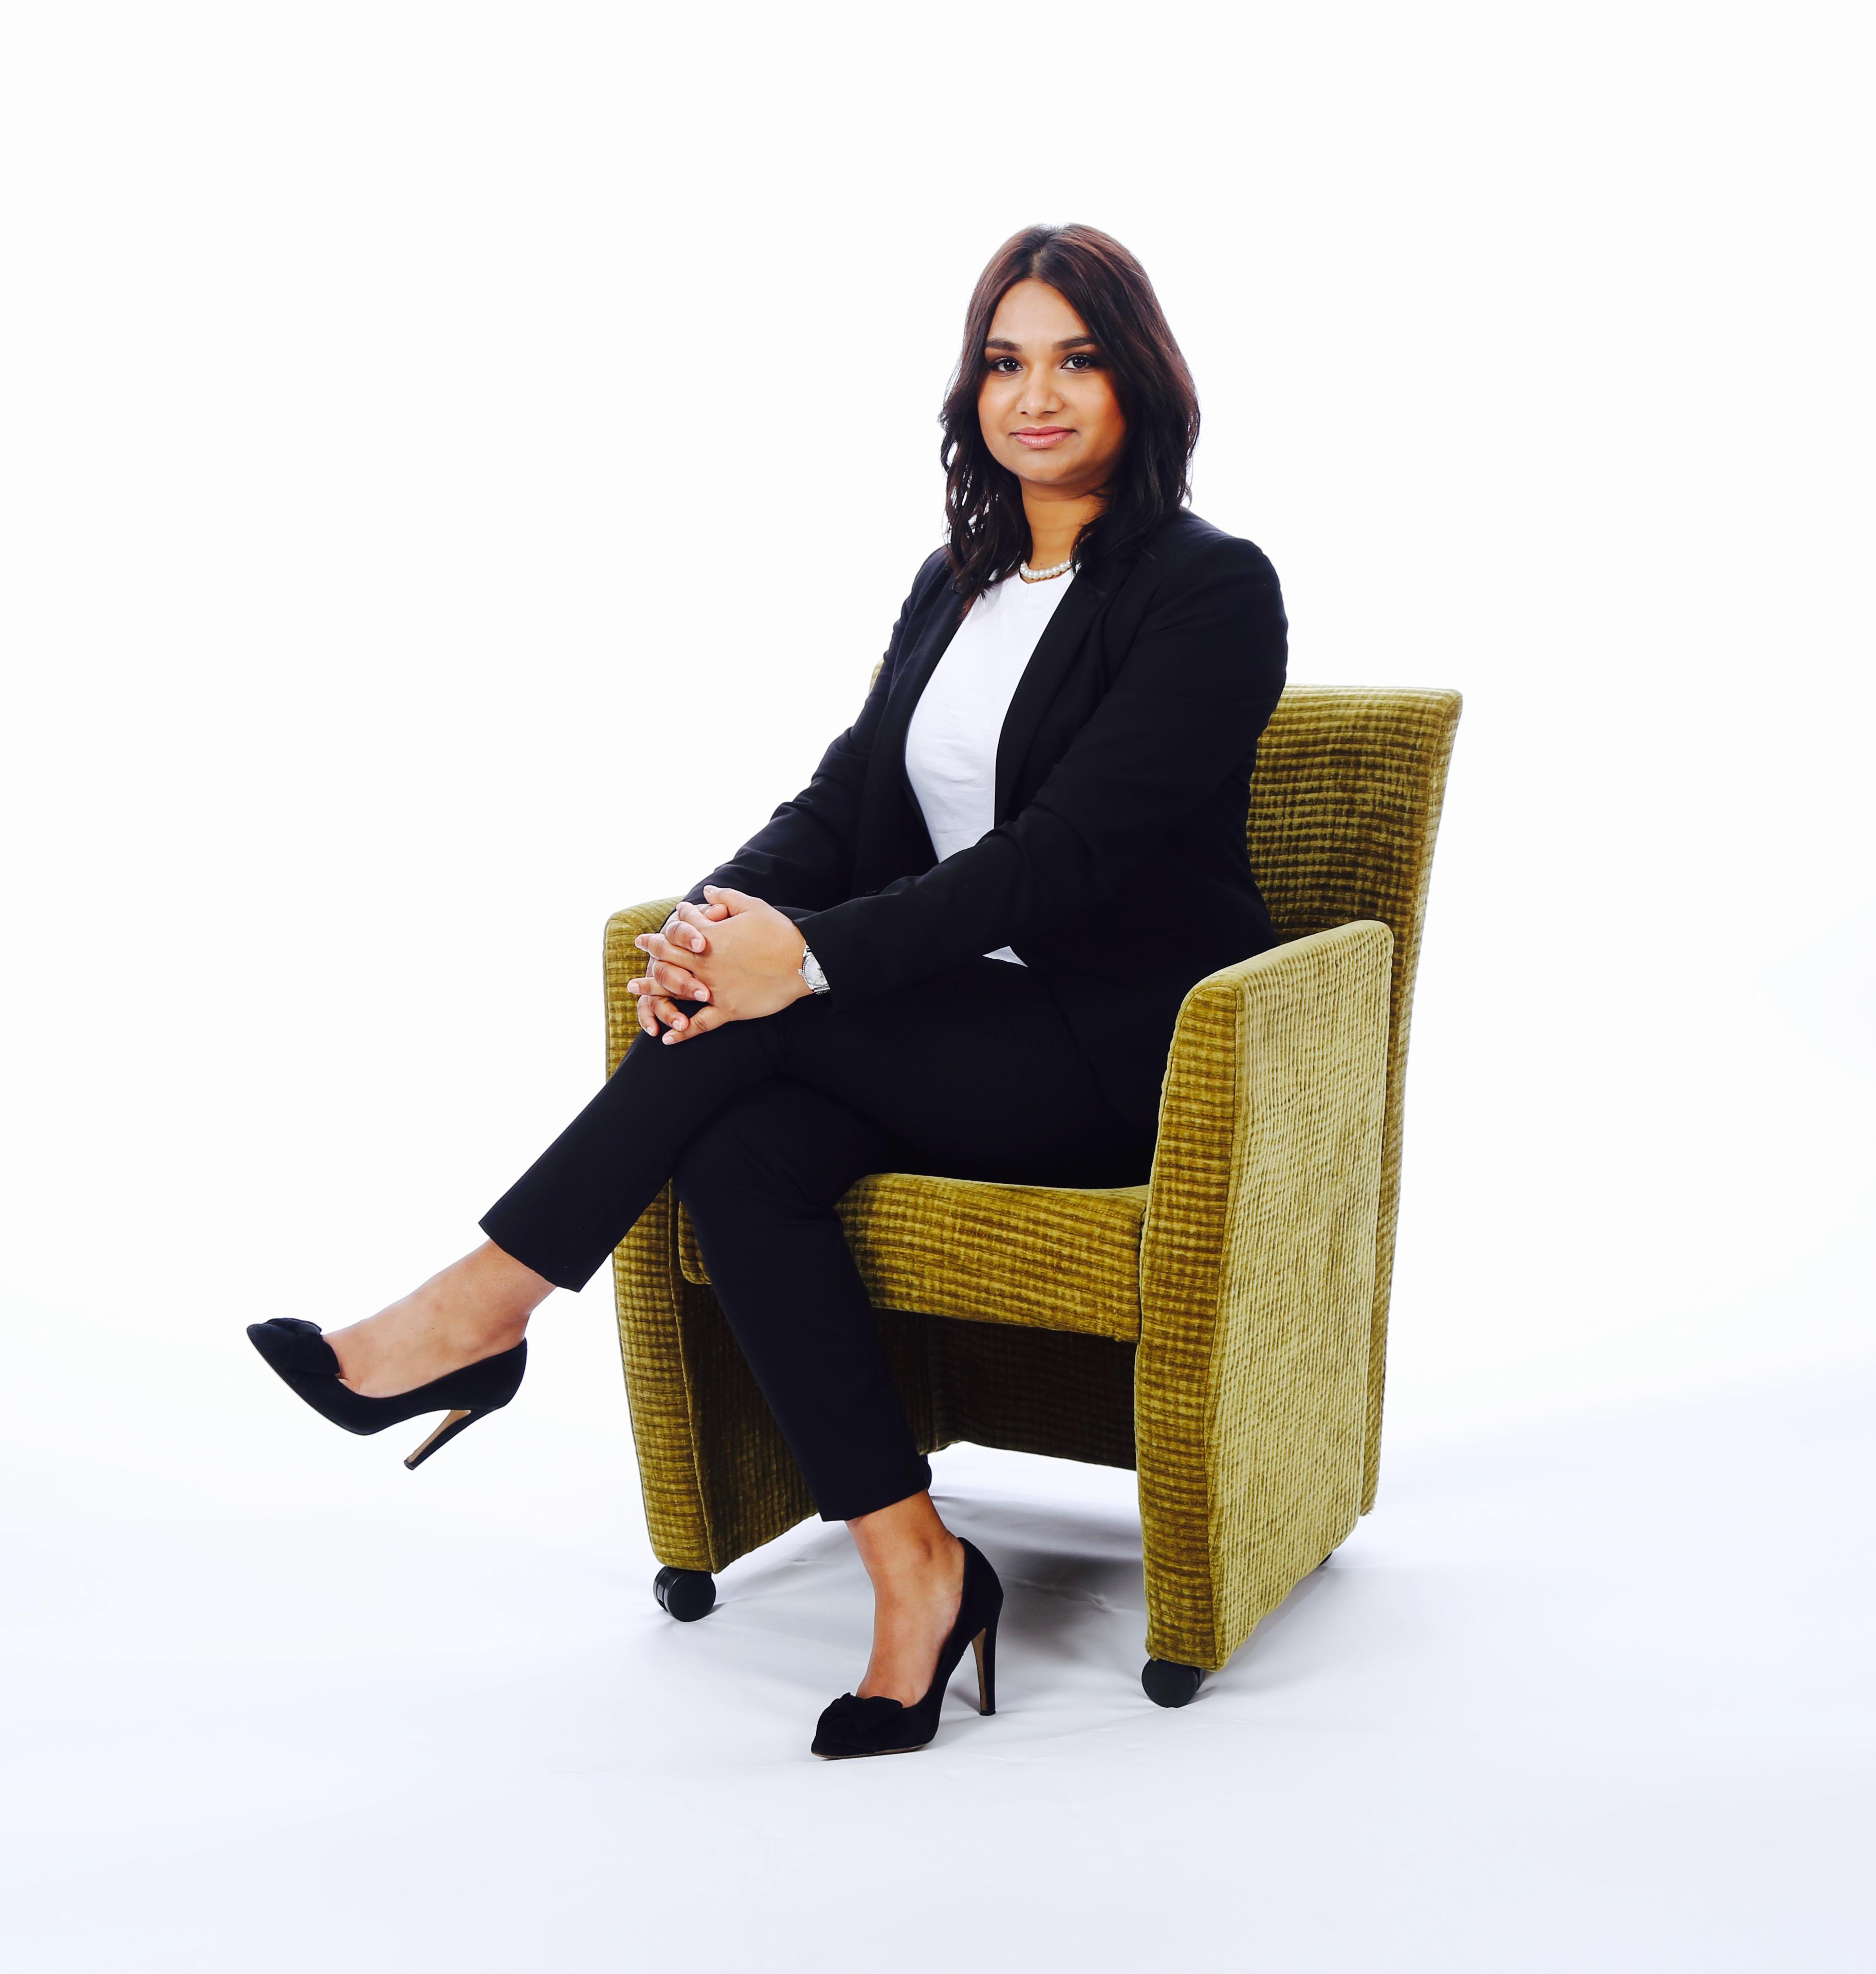 Priya Naiker